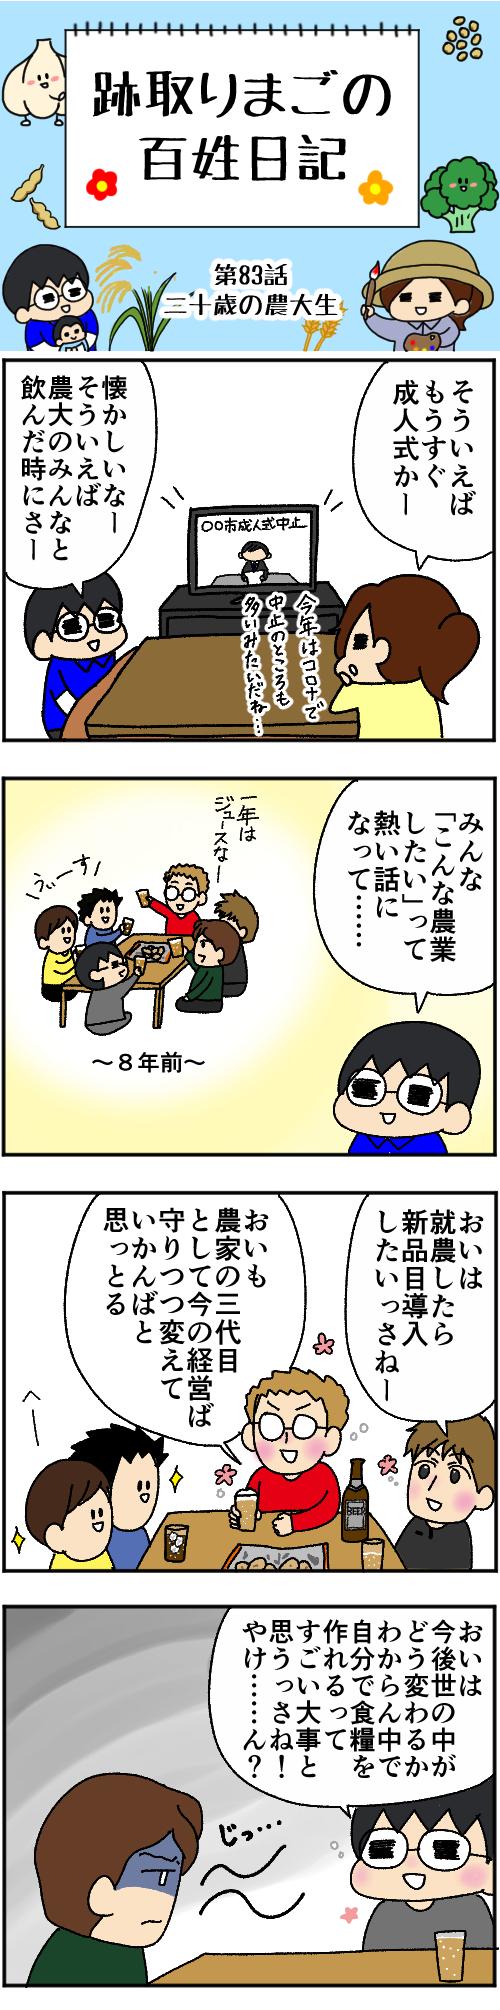 跡取りまごの百姓日記【83話】1枚目